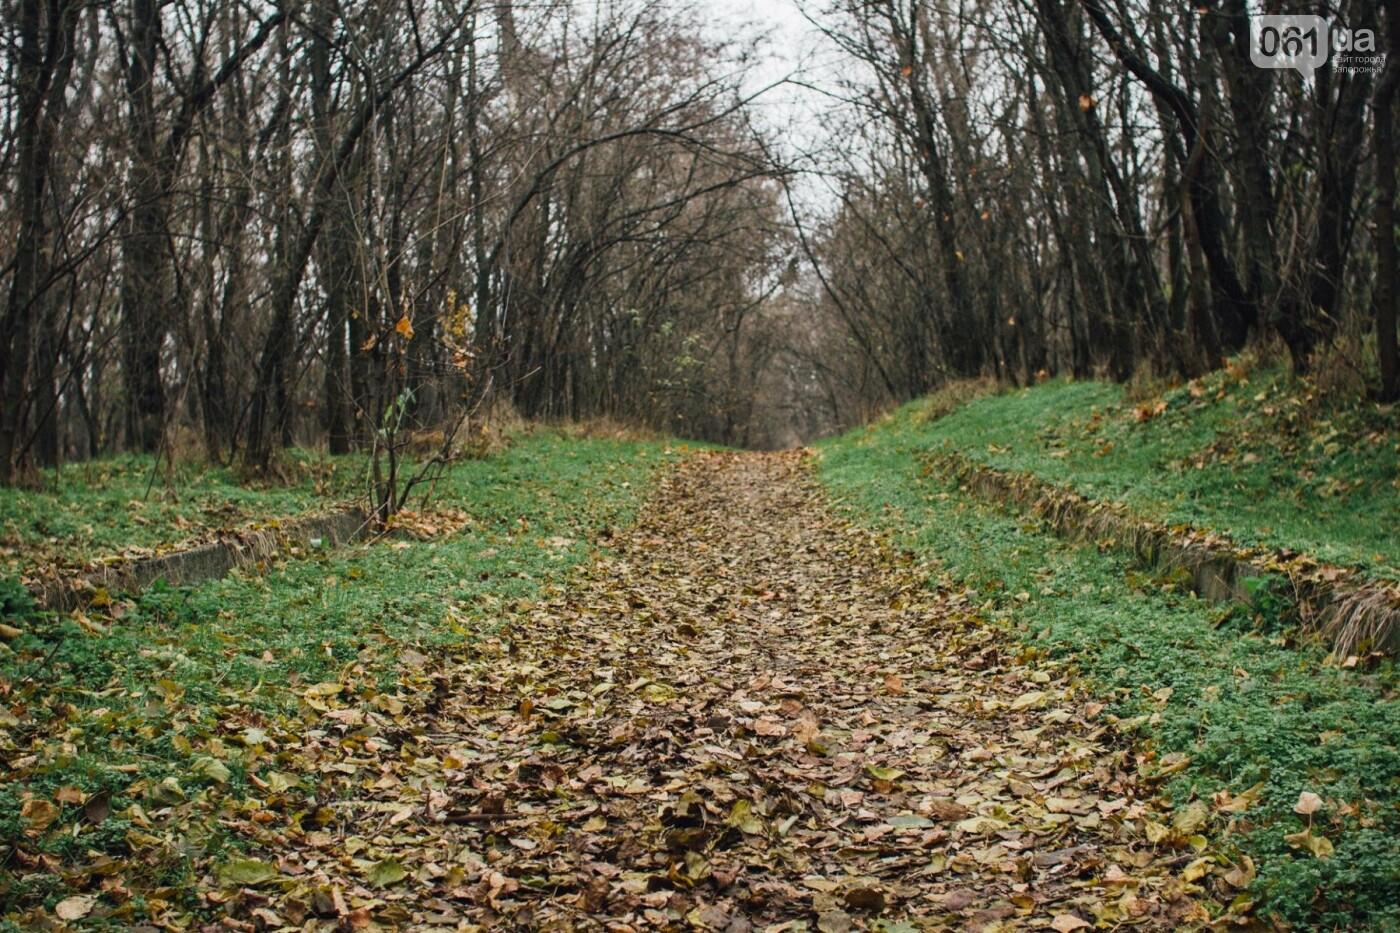 Четыре дня до зимы: как выглядит Хортица поздней осенью, - ФОТОРЕПОРТАЖ, фото-35